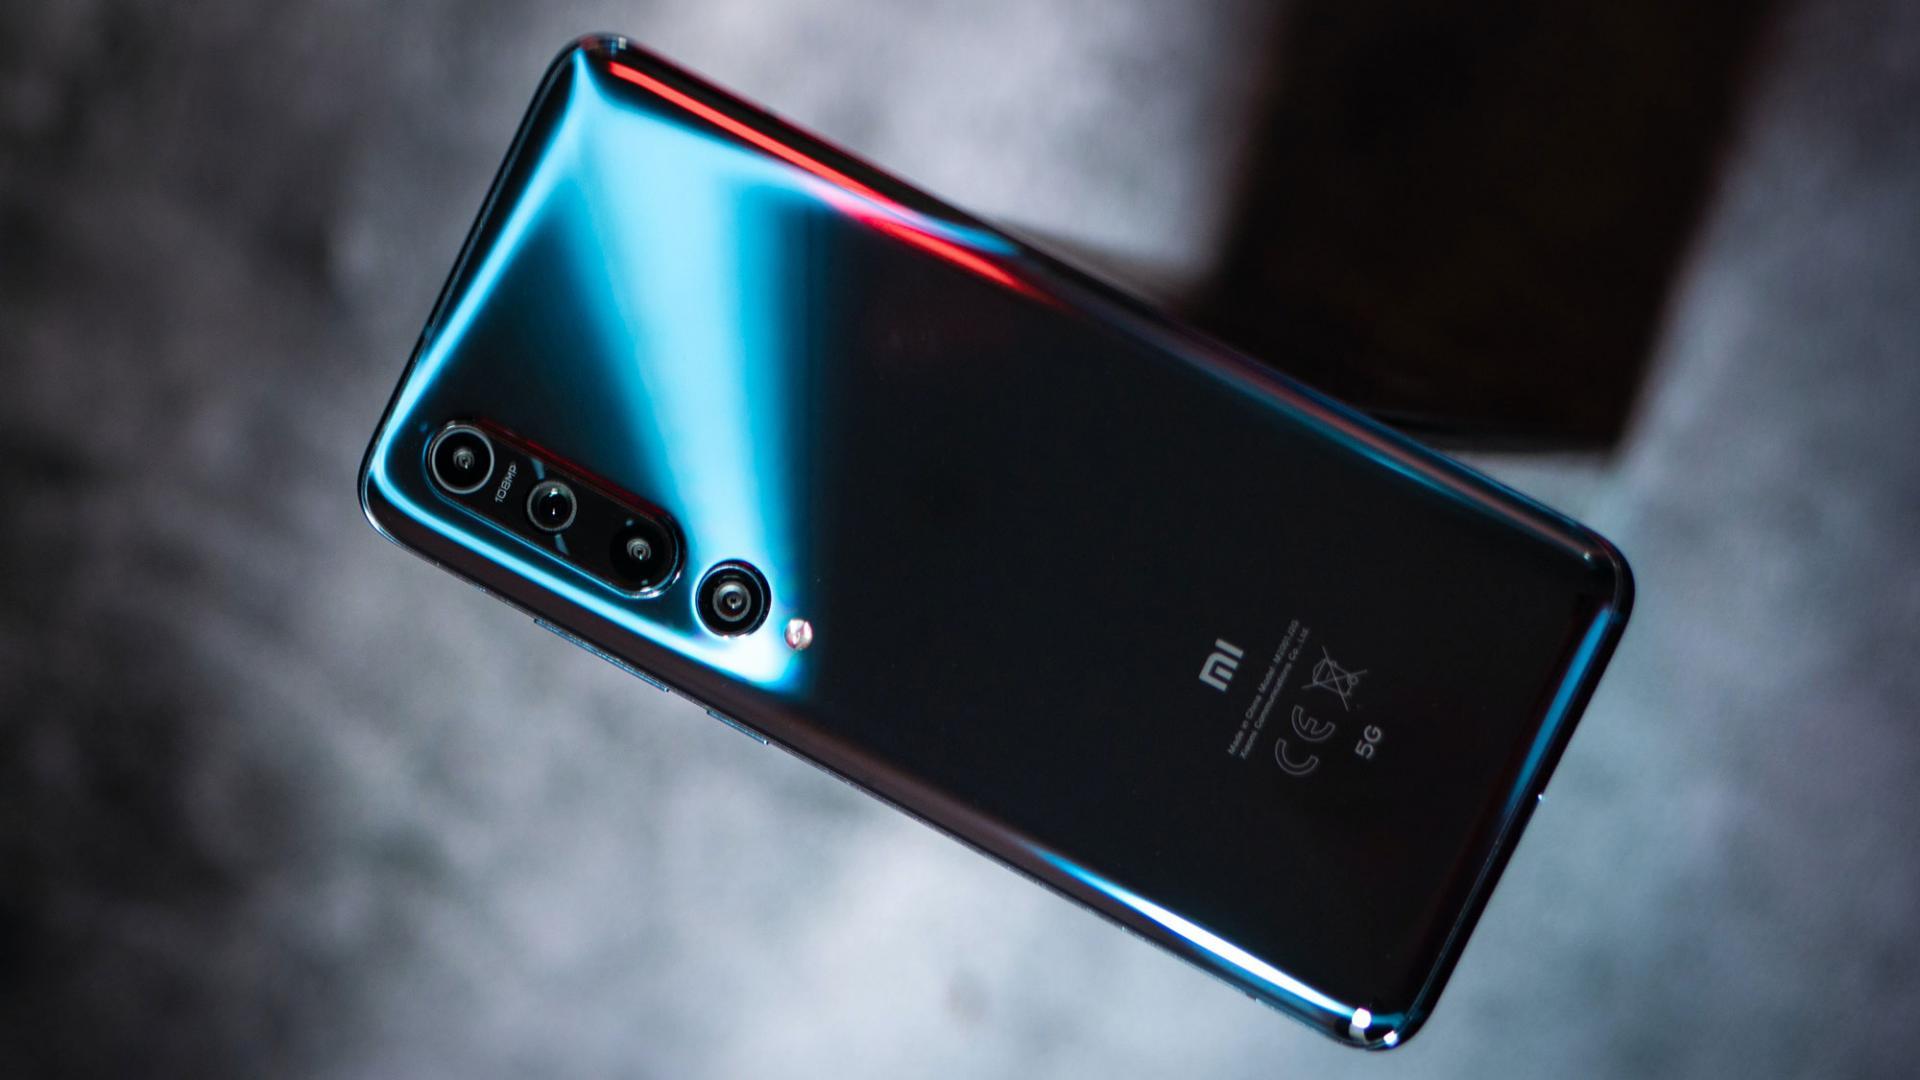 90 или 60 Гцдля экрана смартфона? Как это влияет навремя работы? Напримере Xiaomi Mi10 Pro